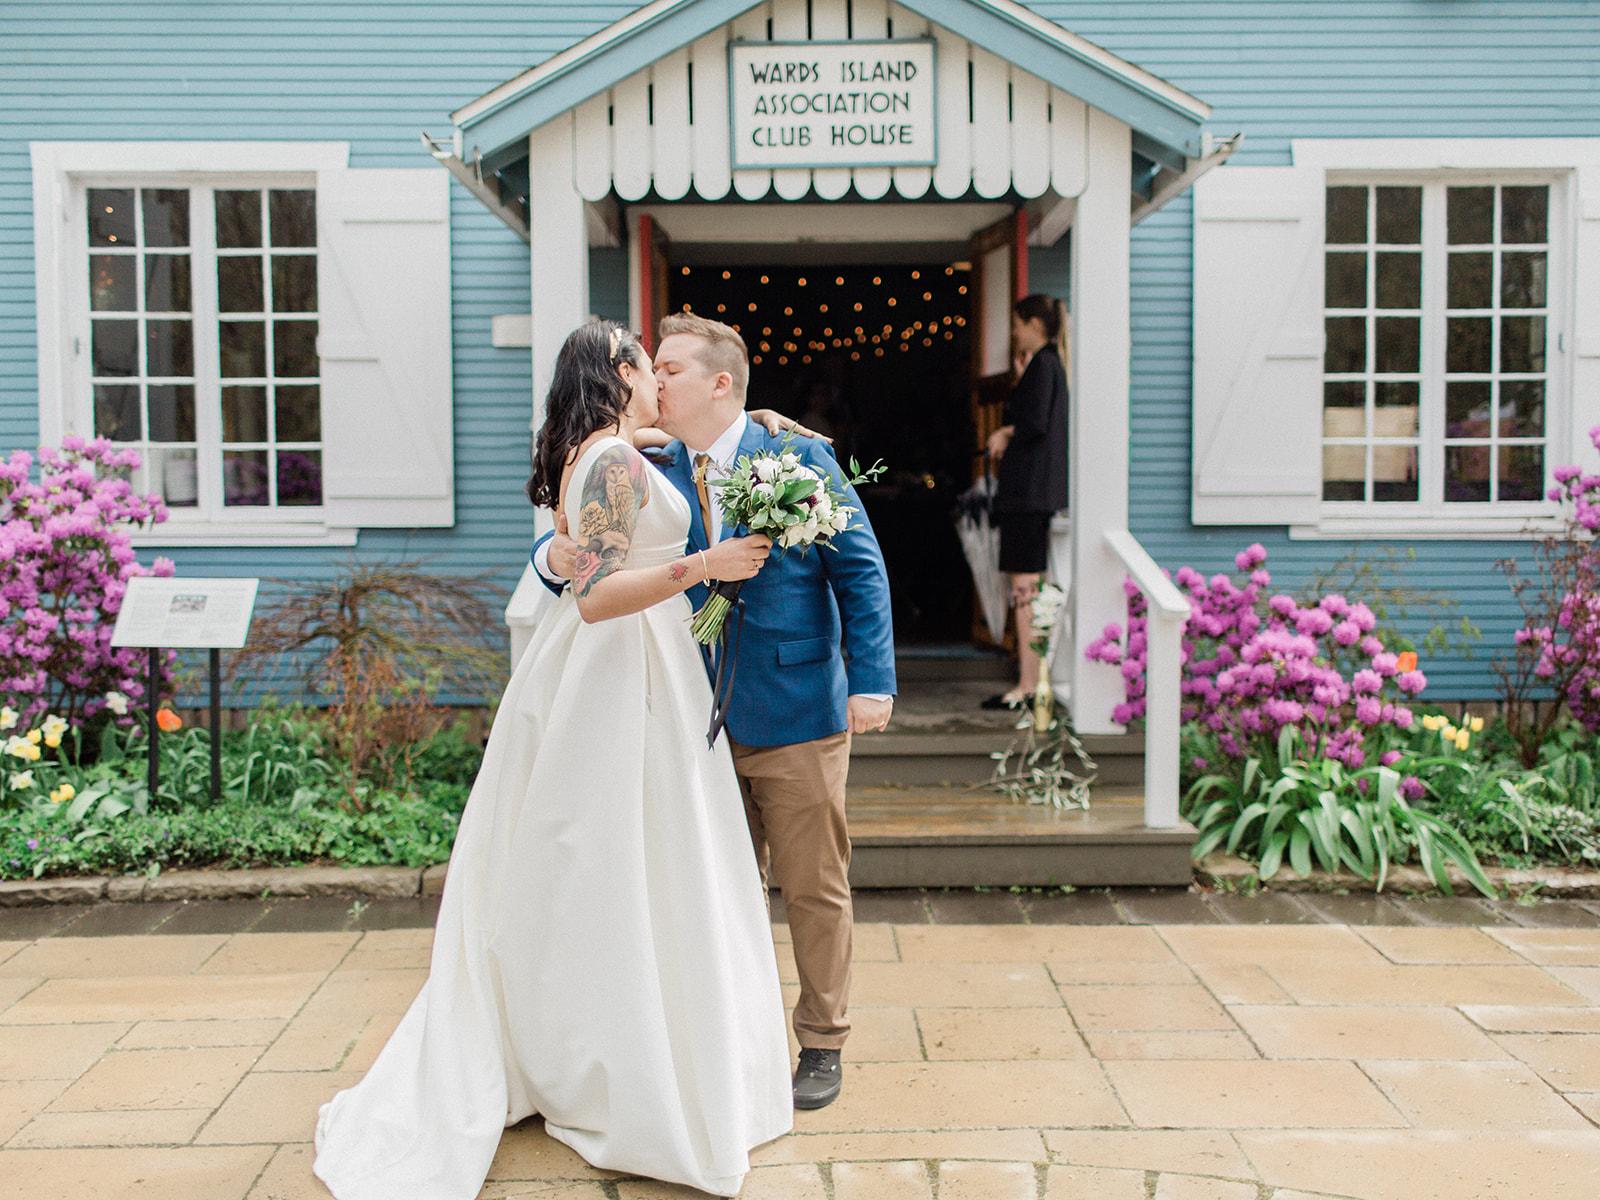 Courtney & Matt Wedding 2019-394_websize.jpg